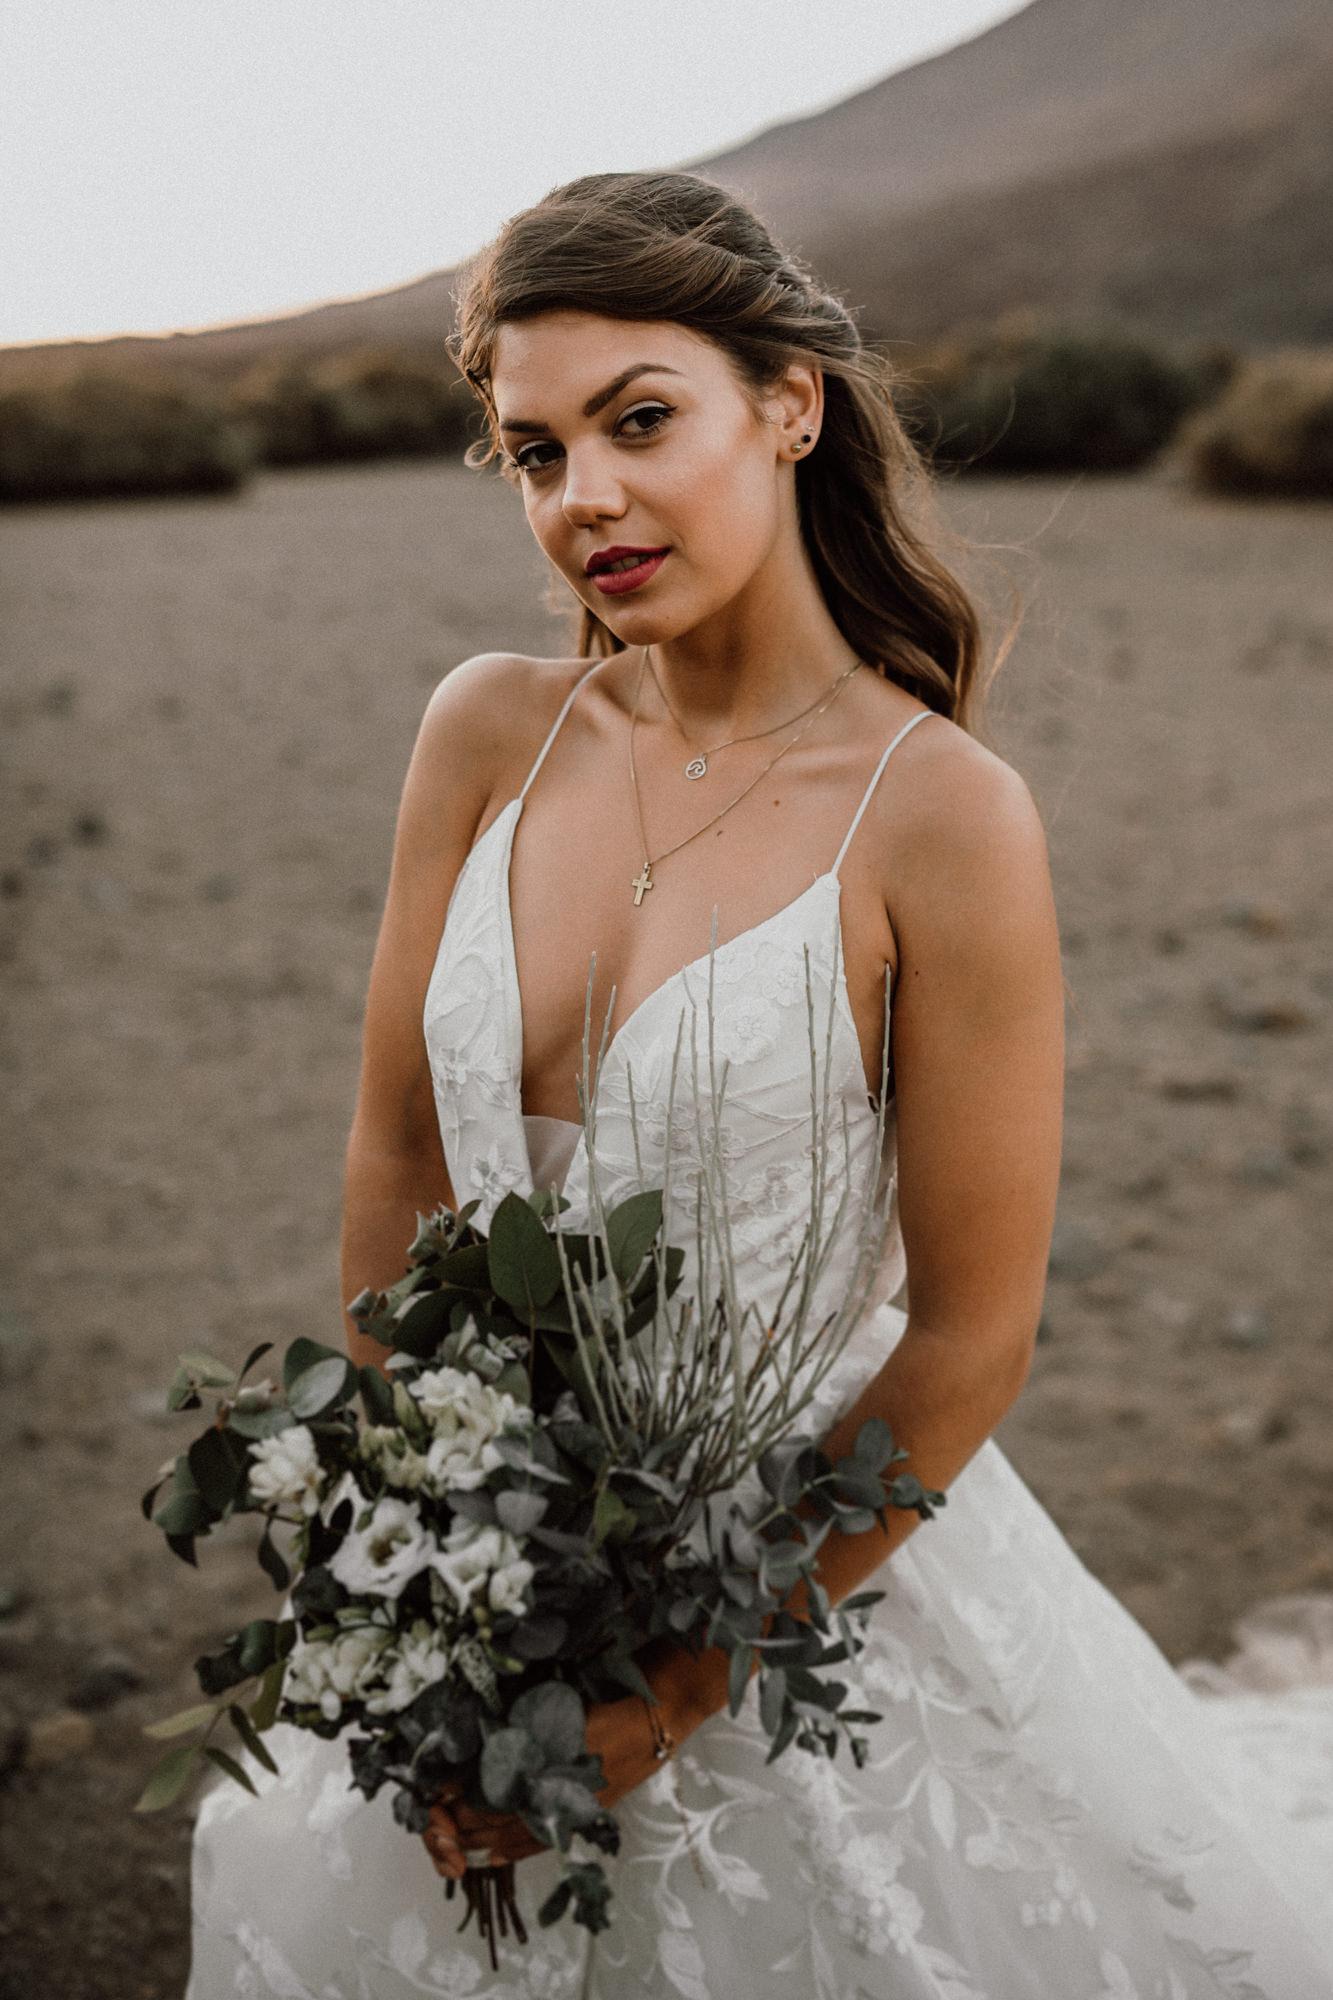 021Lars-Hammesfahr-Hochzeitsfotograf